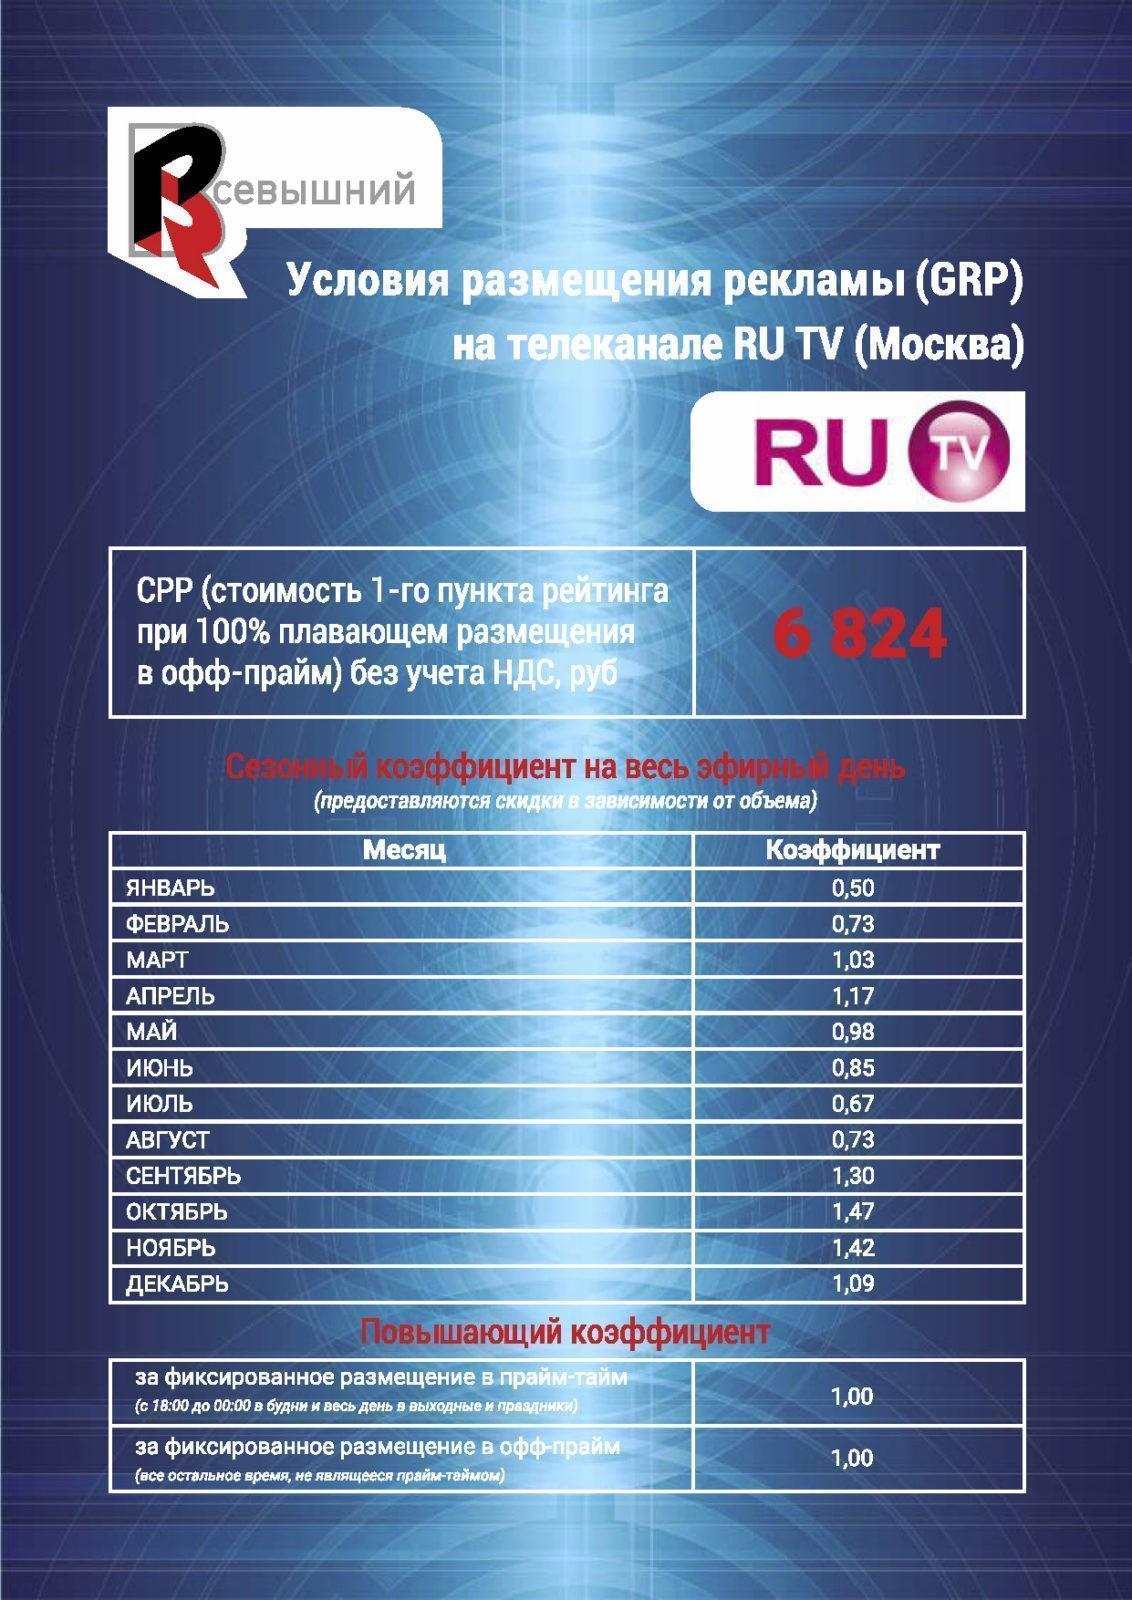 Реклама на канале RU.TV